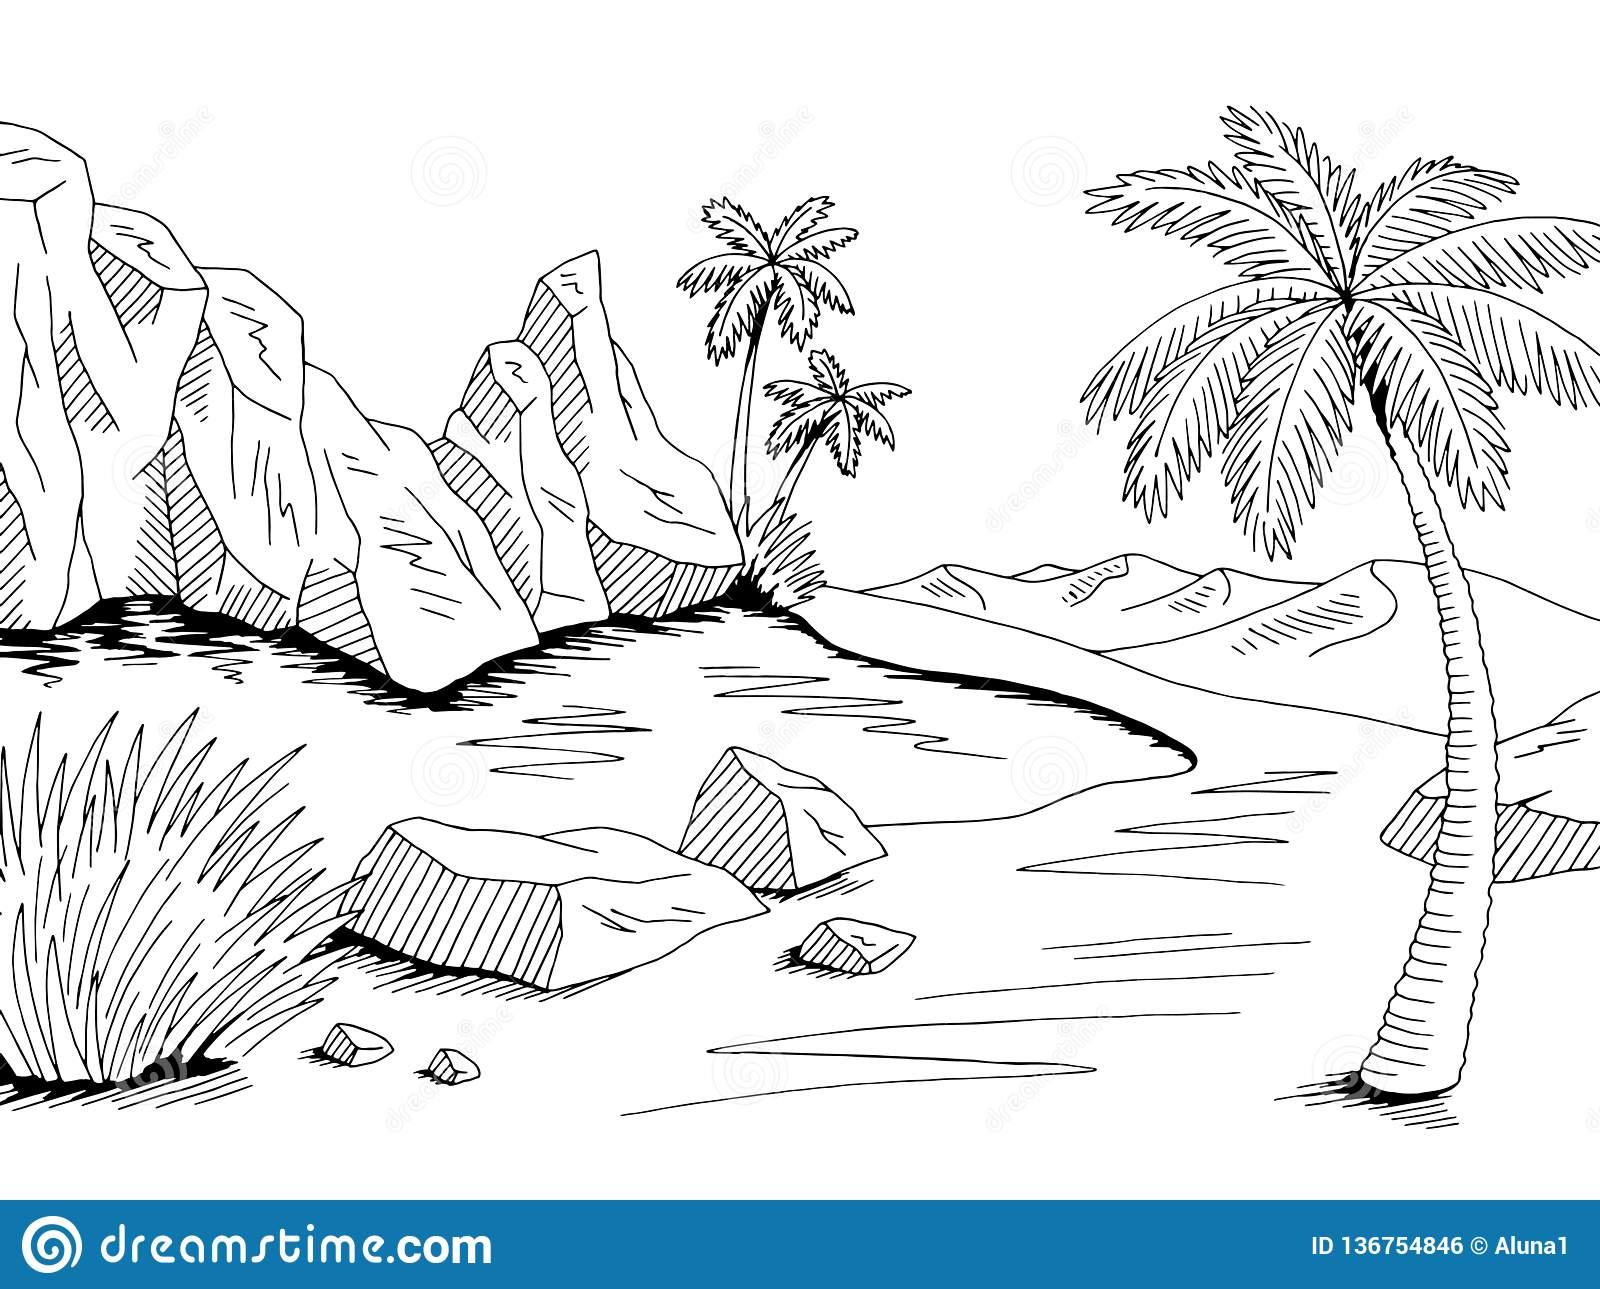 Oasis Desert Graphic Black White Landscape Illustration Vector Stock.